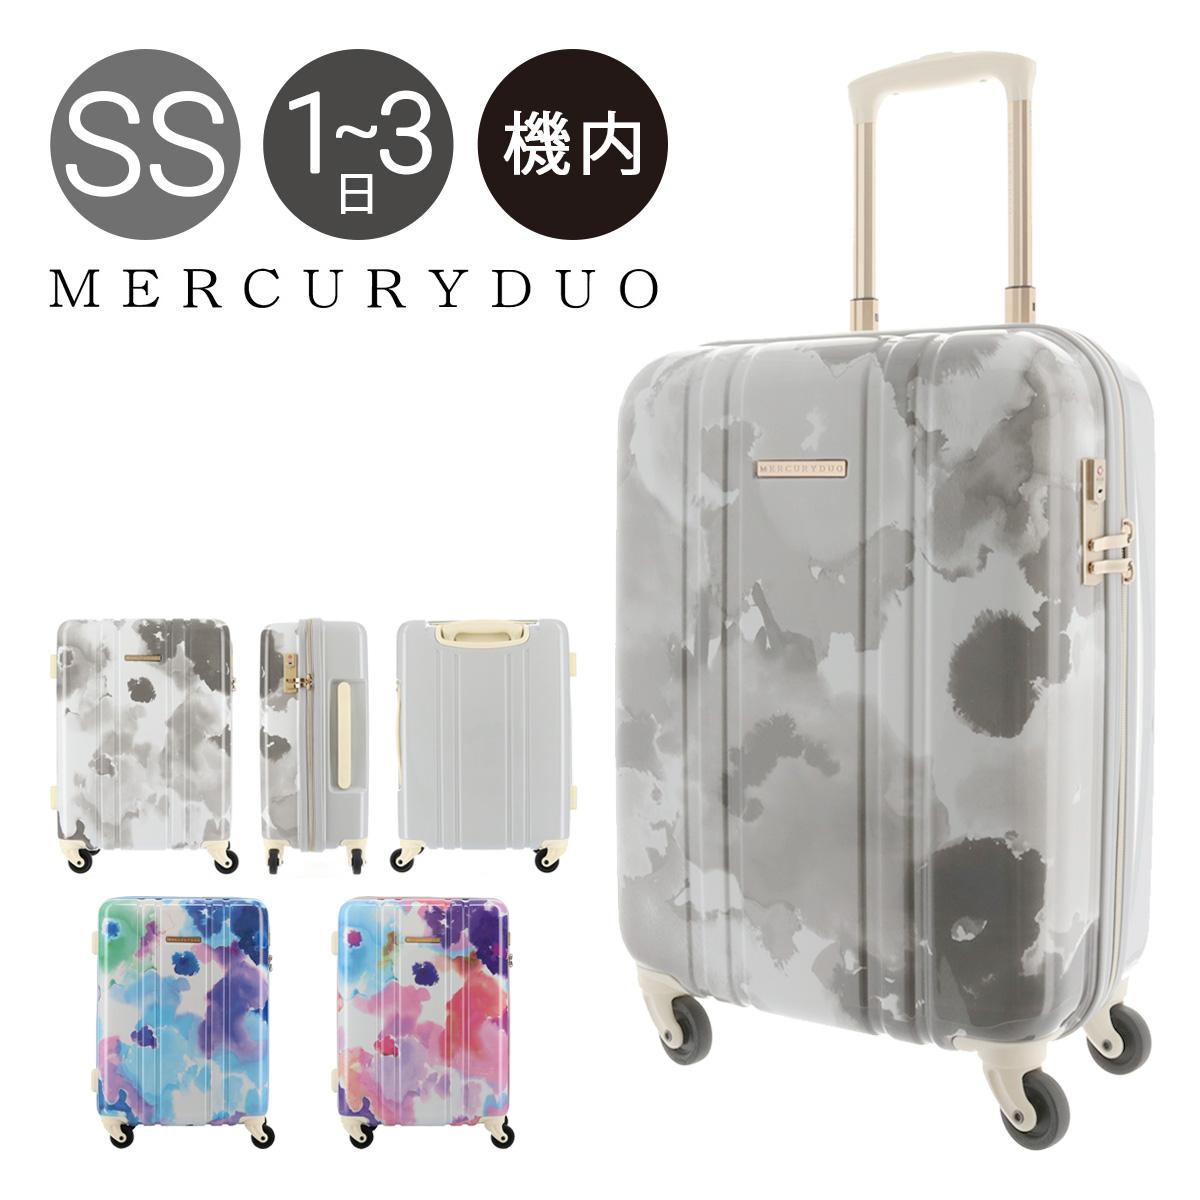 マーキュリーデュオ スーツケース 37L 48cm 3.2kg ハード ファスナー 機内持ち込み レディース MD-0793-48 MERCURYDUO | キャリーケース【PO5】